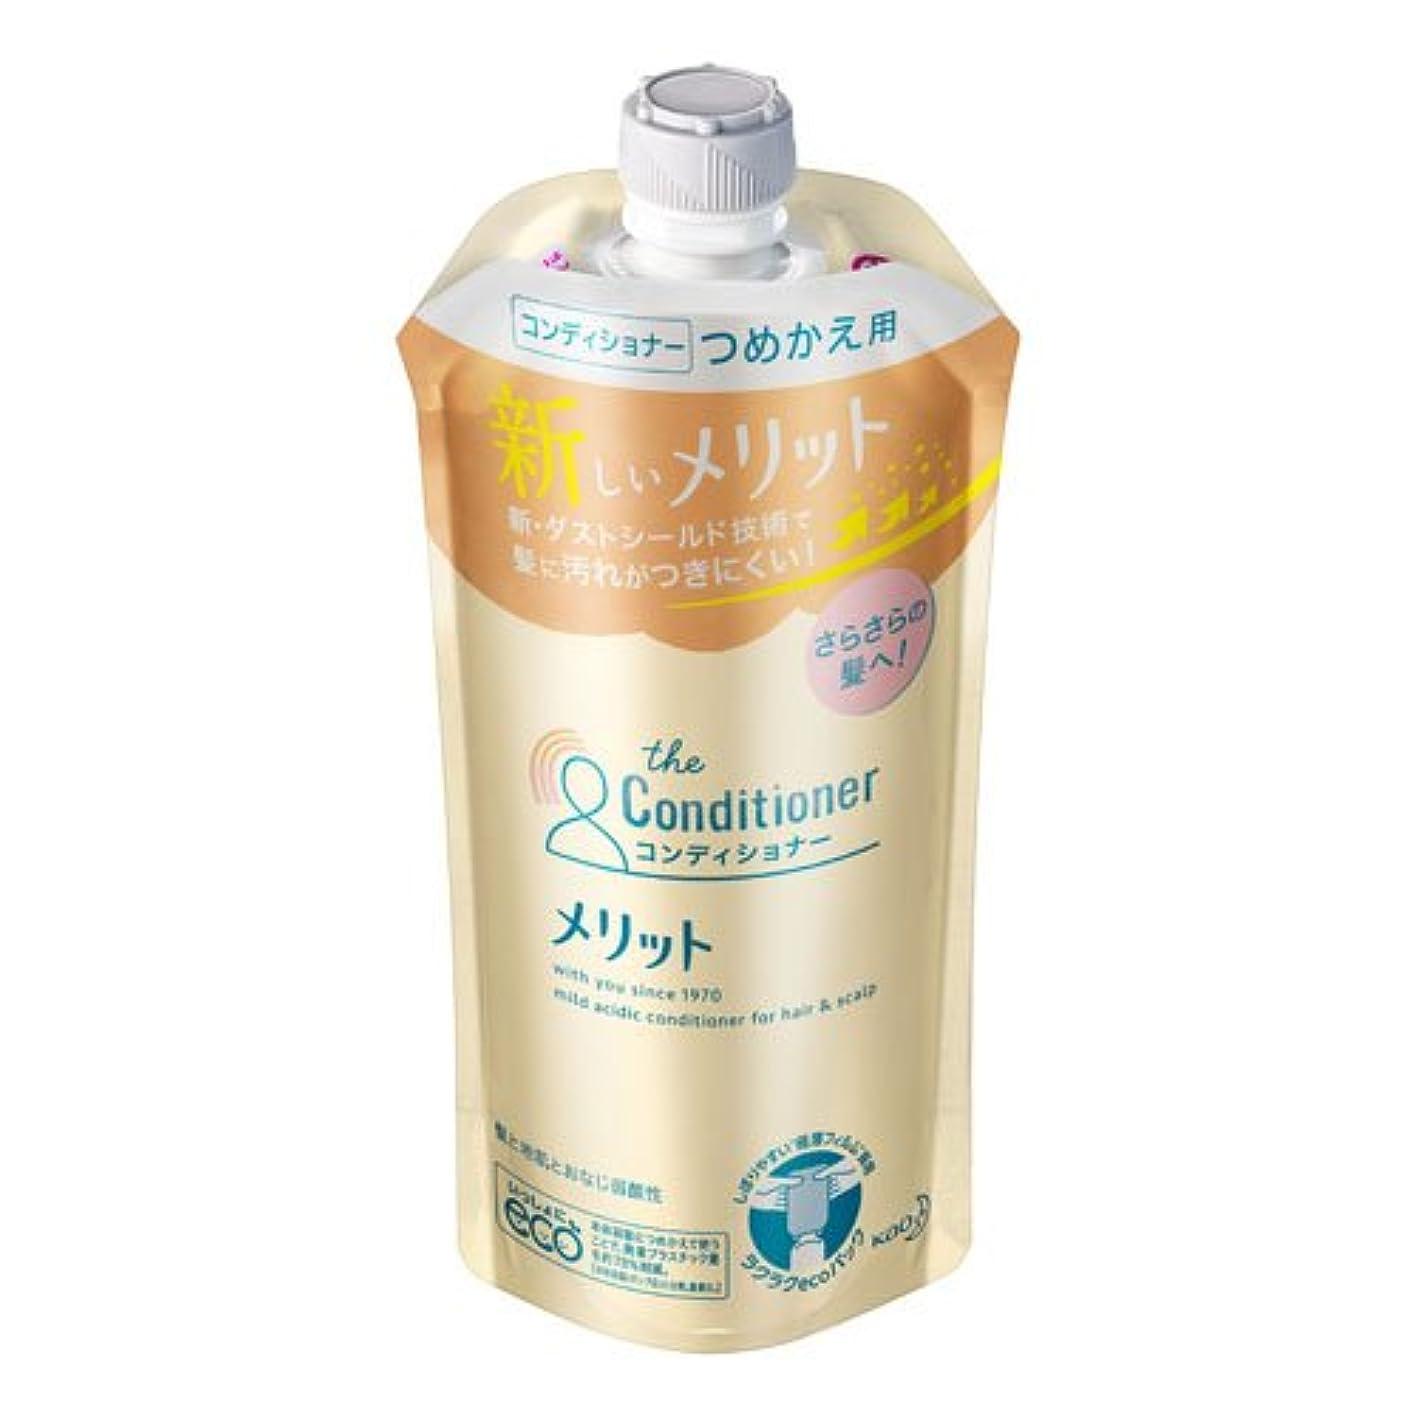 クックビンアフリカ人花王 メリット コンディショナー 詰替 340ml 【医薬部外品】